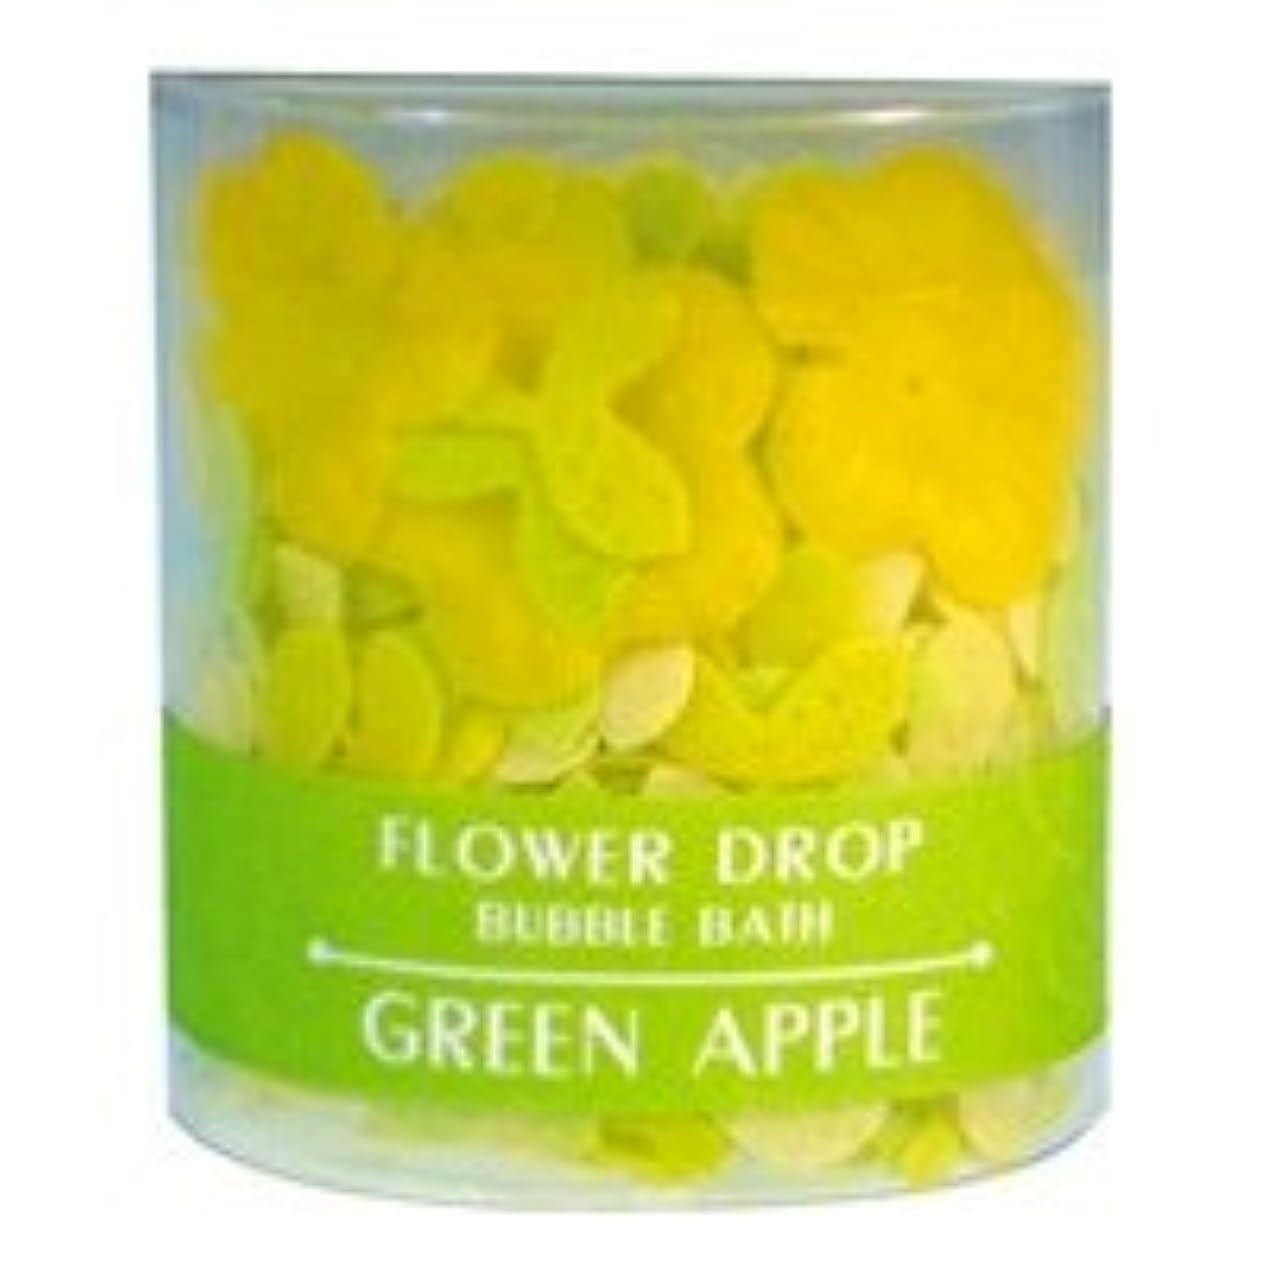 サンダース維持打ち上げるフラワードロップ「グリーンアップル」20個セット 二葉の形のペタル